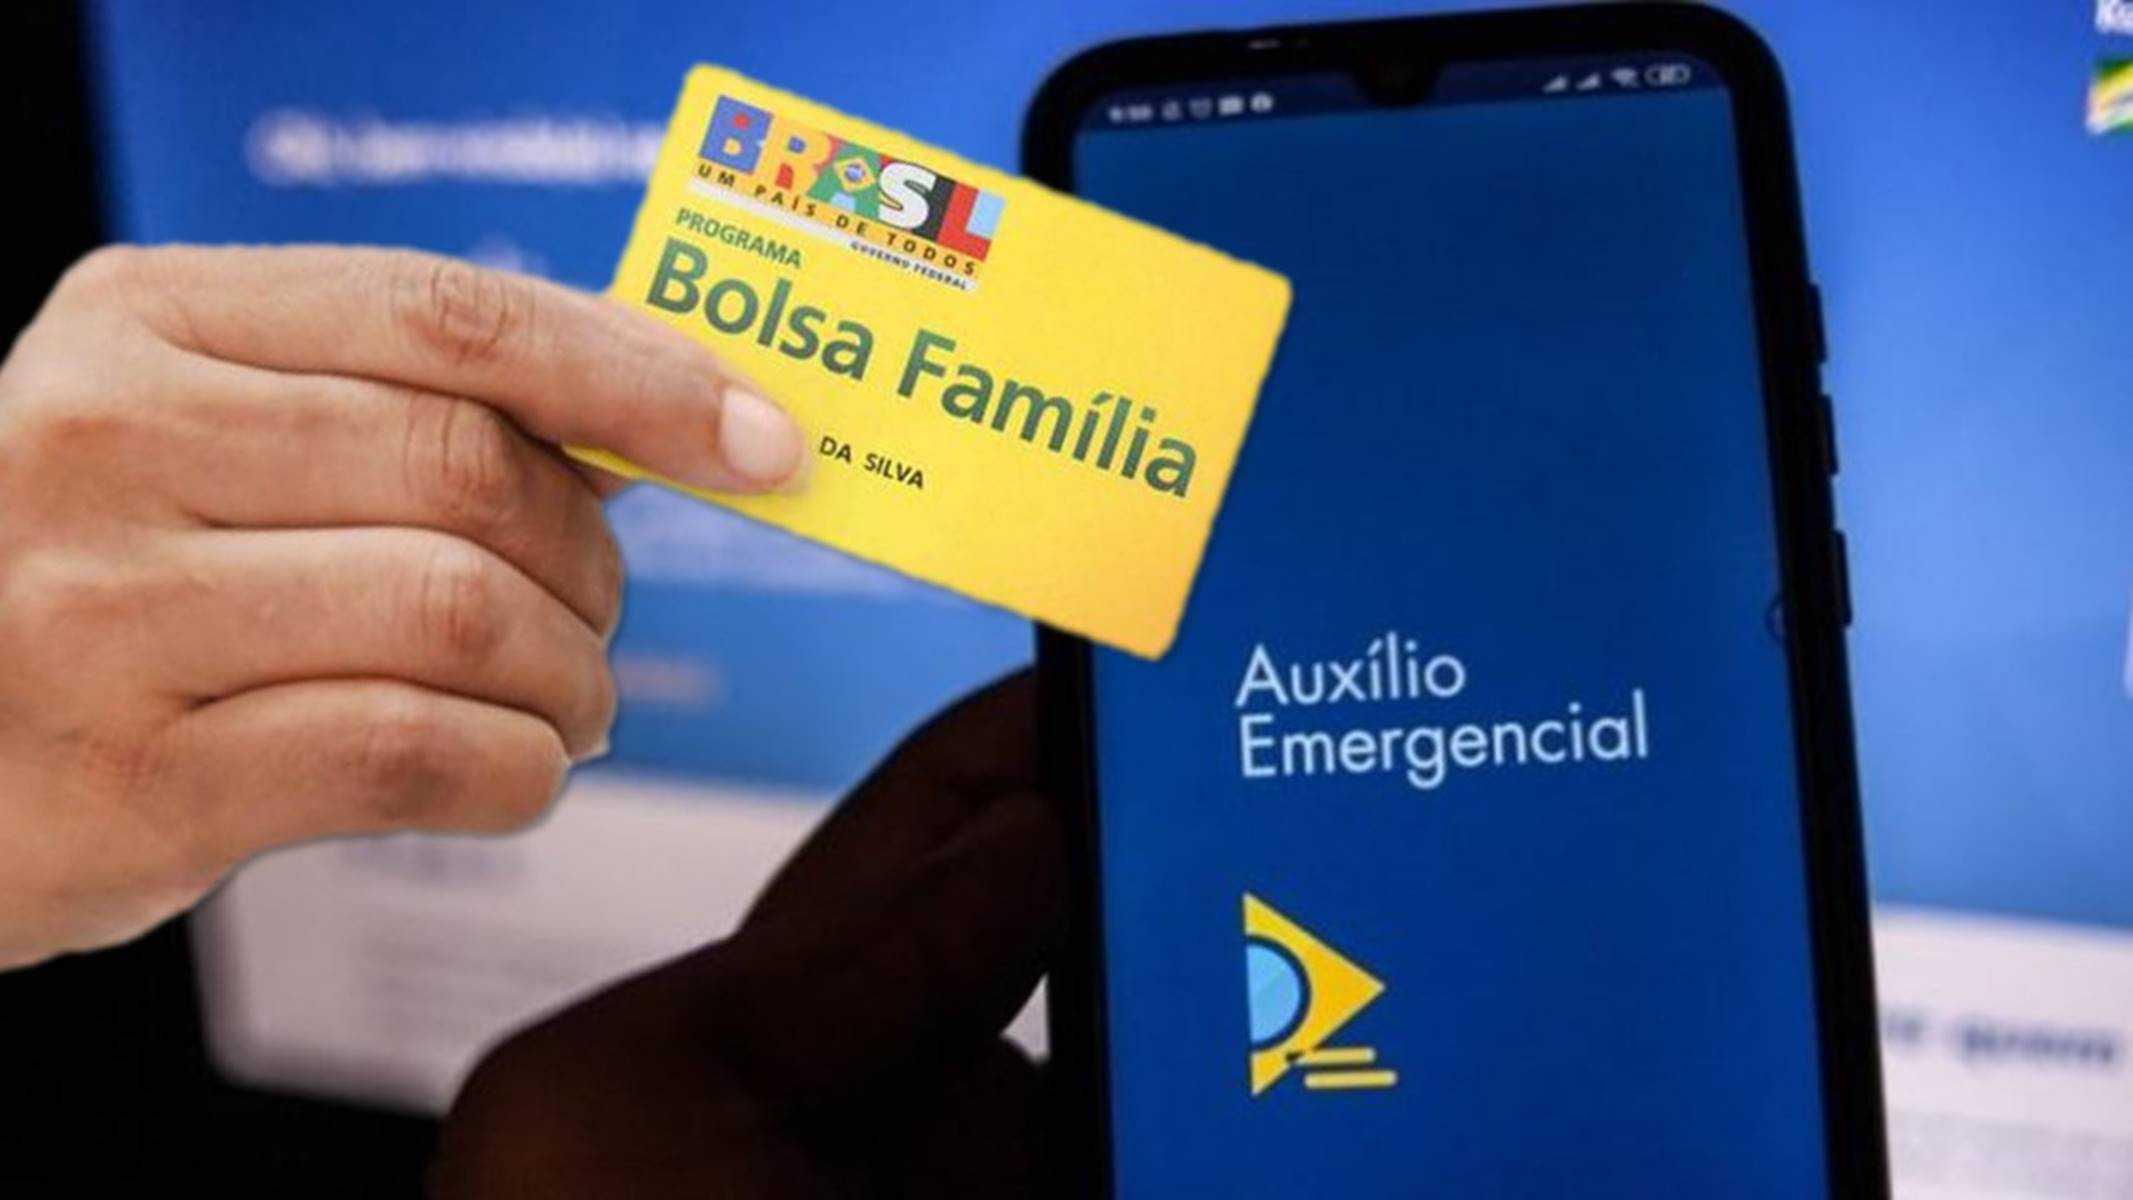 Bolsa Família começa pagamento da 5ª parcela do auxílio emergencial na quarta-feira (18)